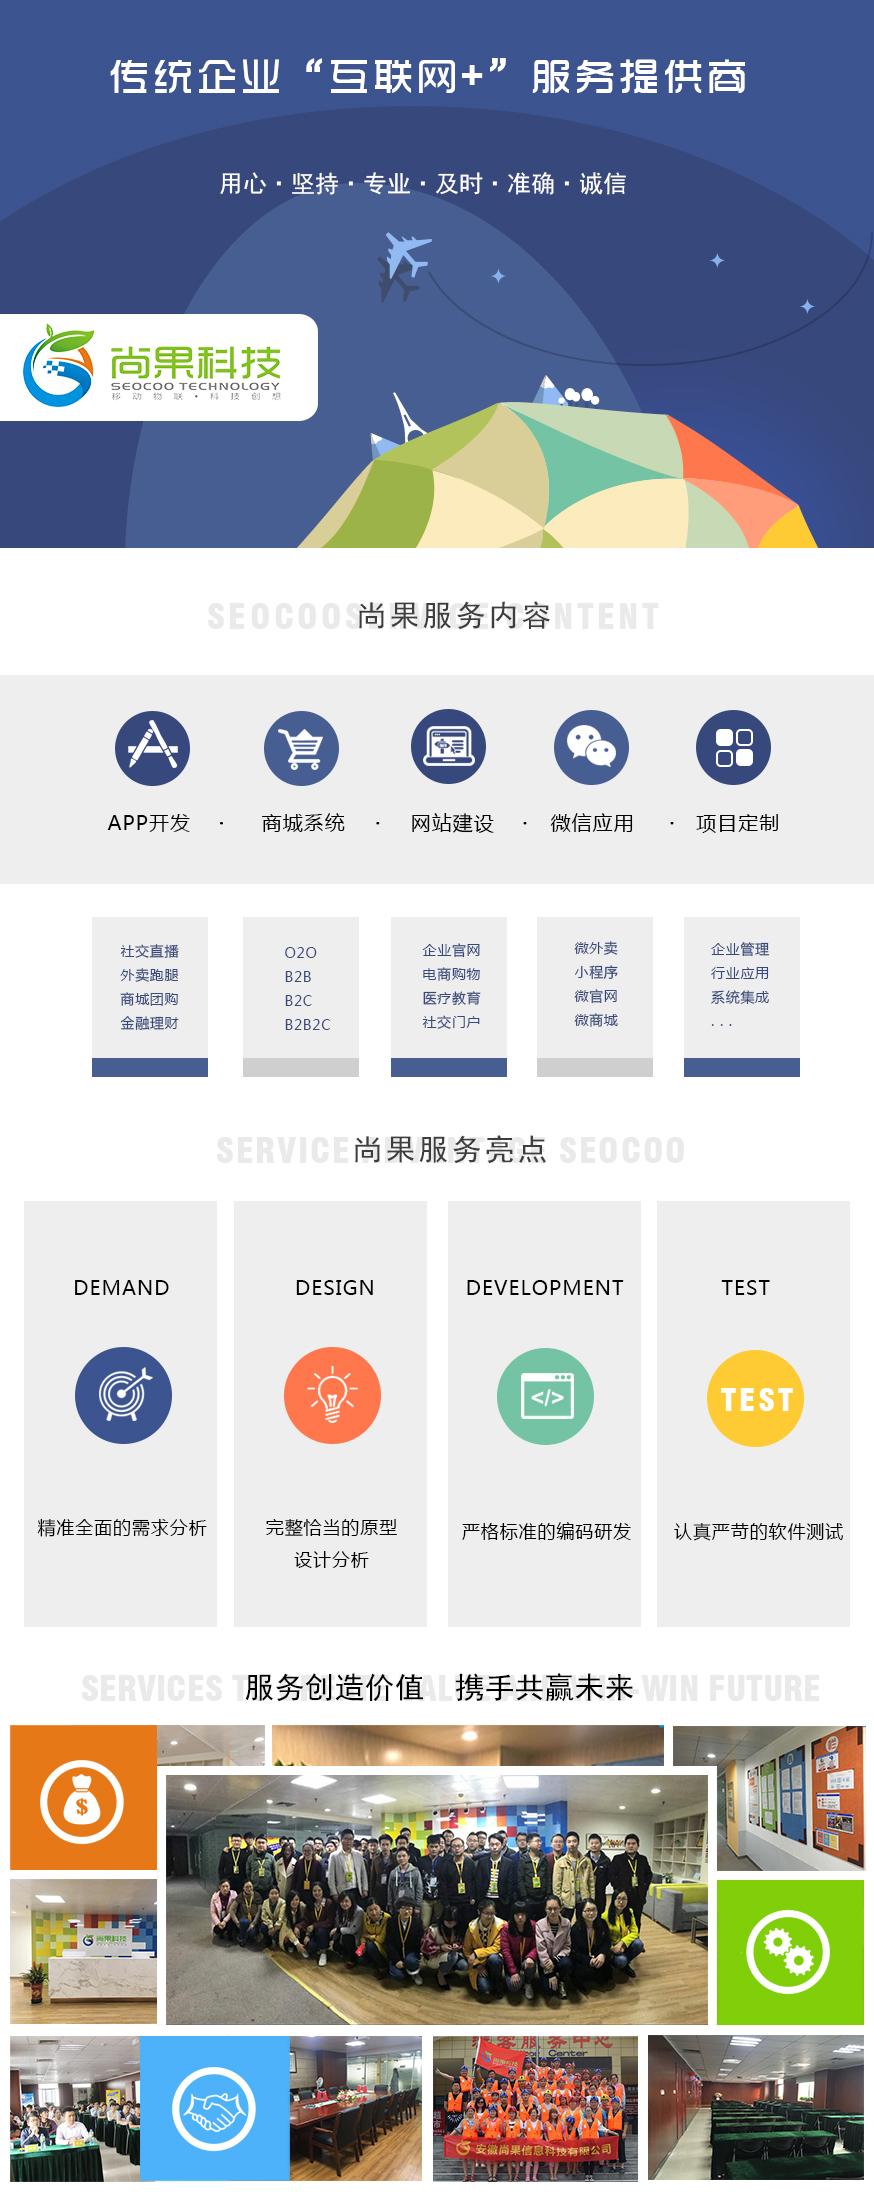 产品服务1.jpg